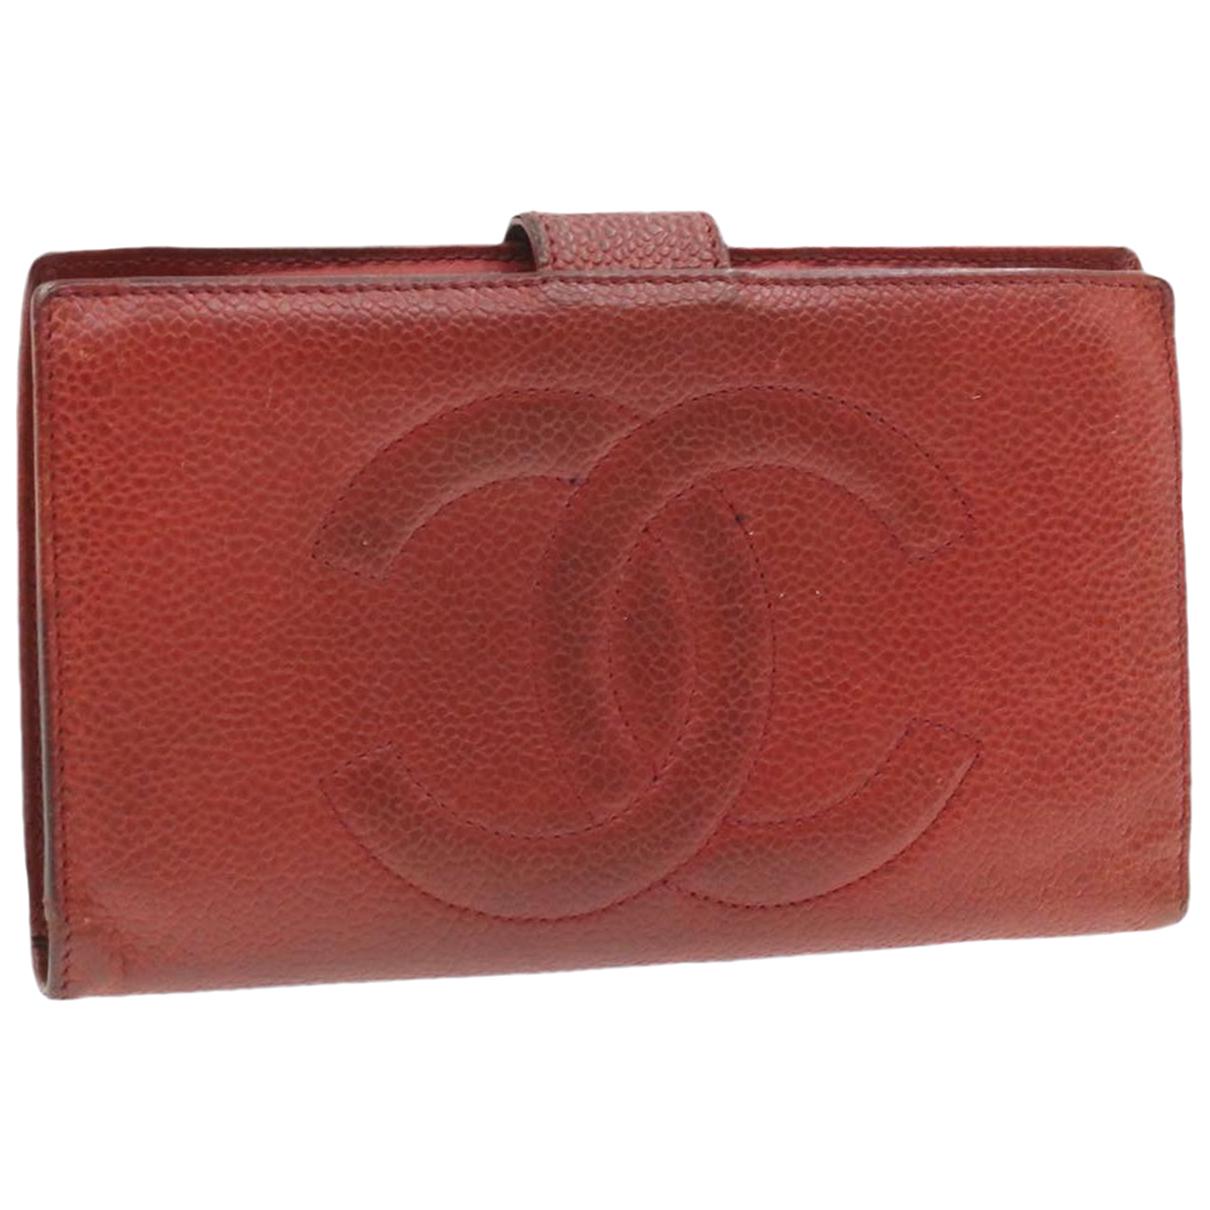 Chanel - Foulard   pour femme en autre - rouge